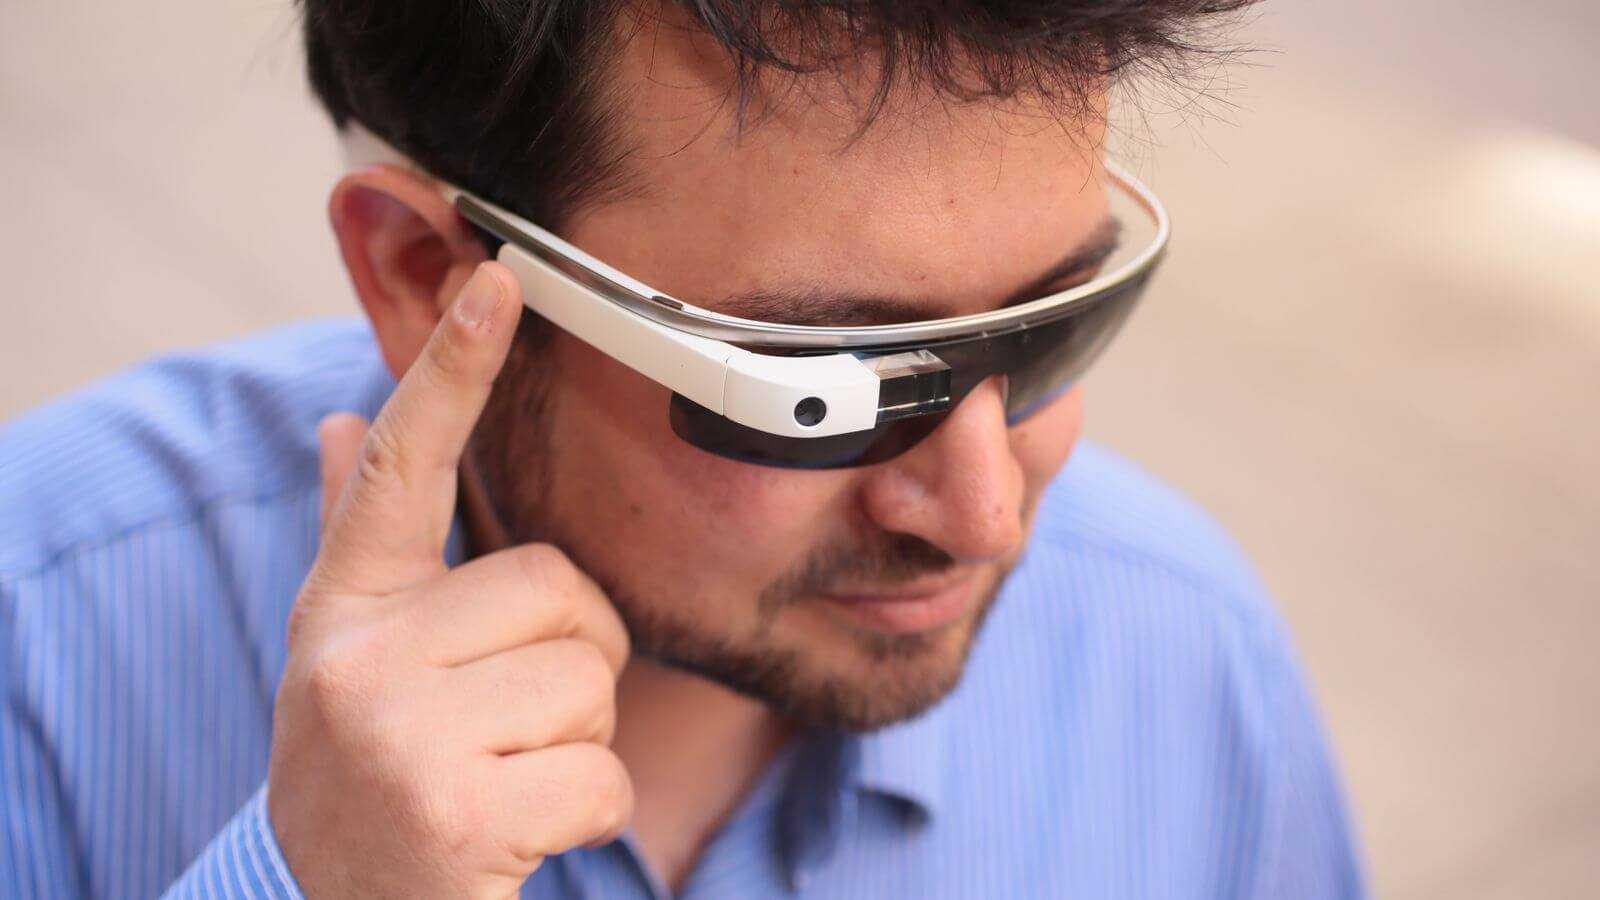 Лучшие умные смарт-очки ar доп. реальности 2018: snap, vuzix, odg, sony